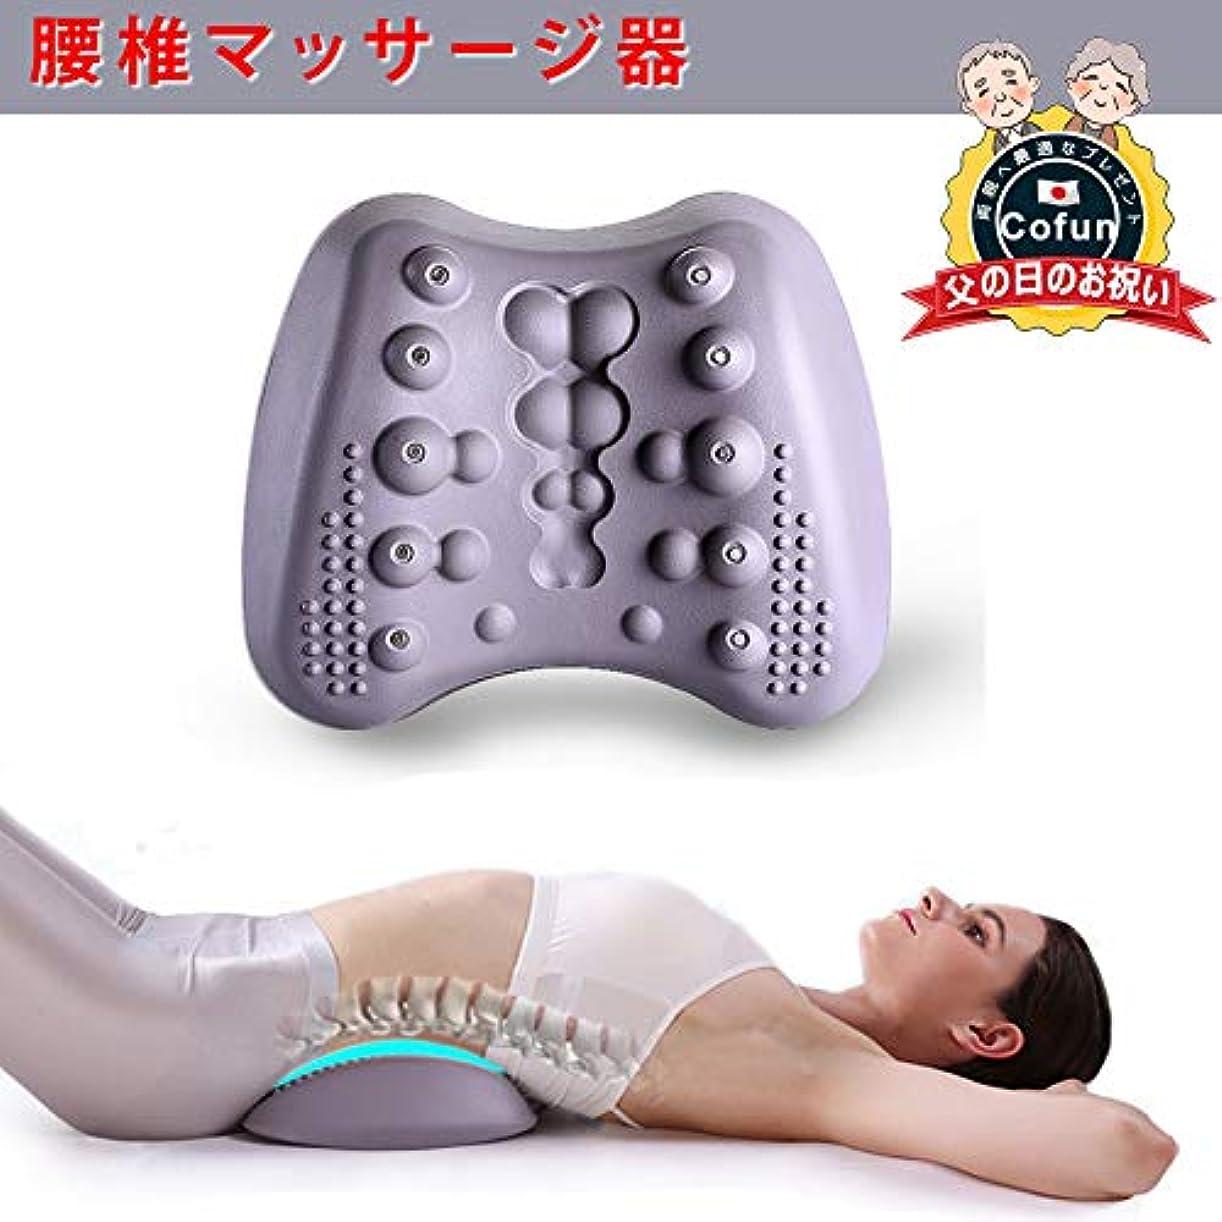 型勉強する組立腰椎矯正器 腰マッサージ器 脊椎牽引器 腰部パッド マグネット指圧 疲労を和らげる 腰痛を和らげる